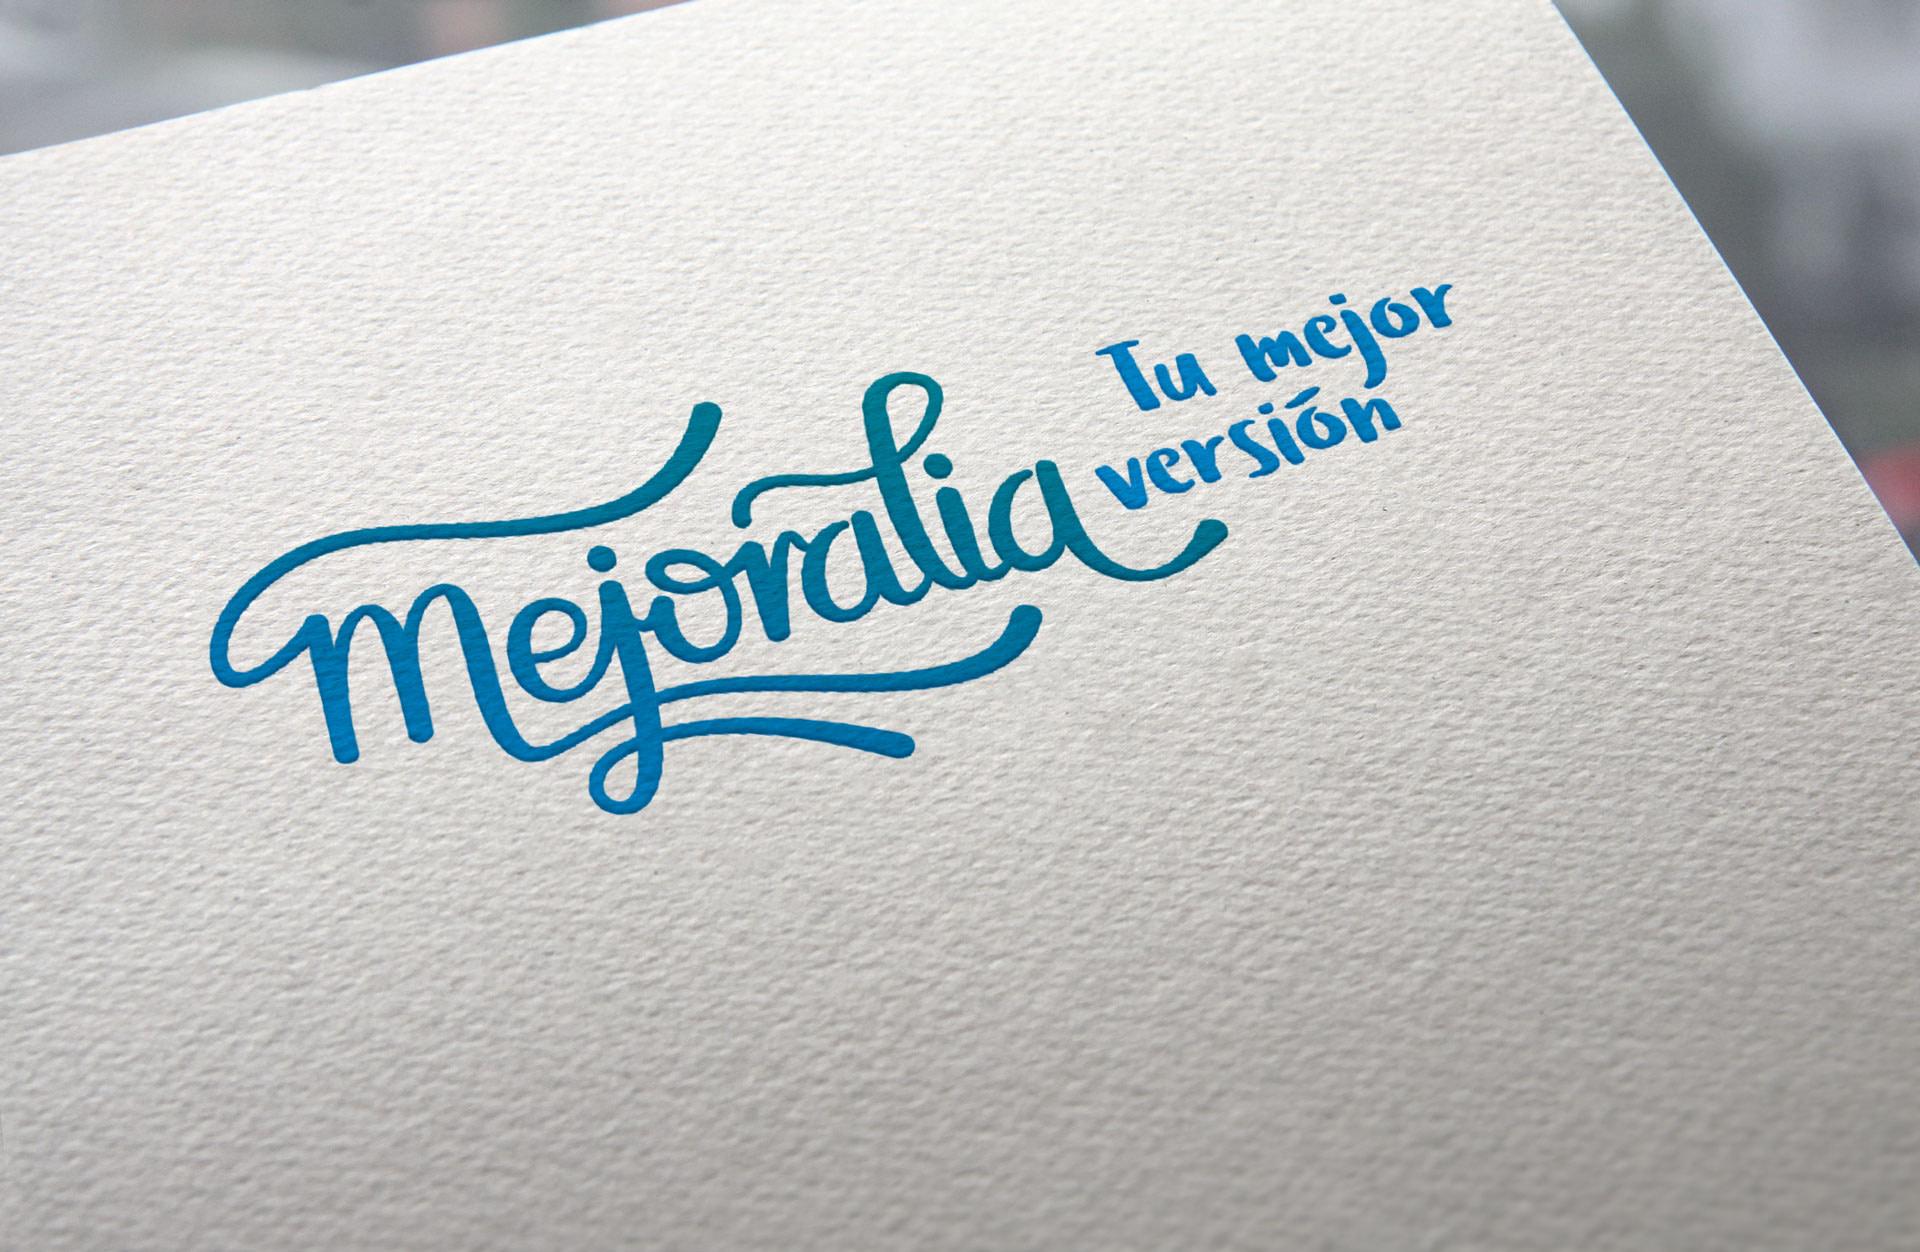 Logotipo definitivo con claim - Diseño de identidad visual corporativa - Logotipo Mejoralia